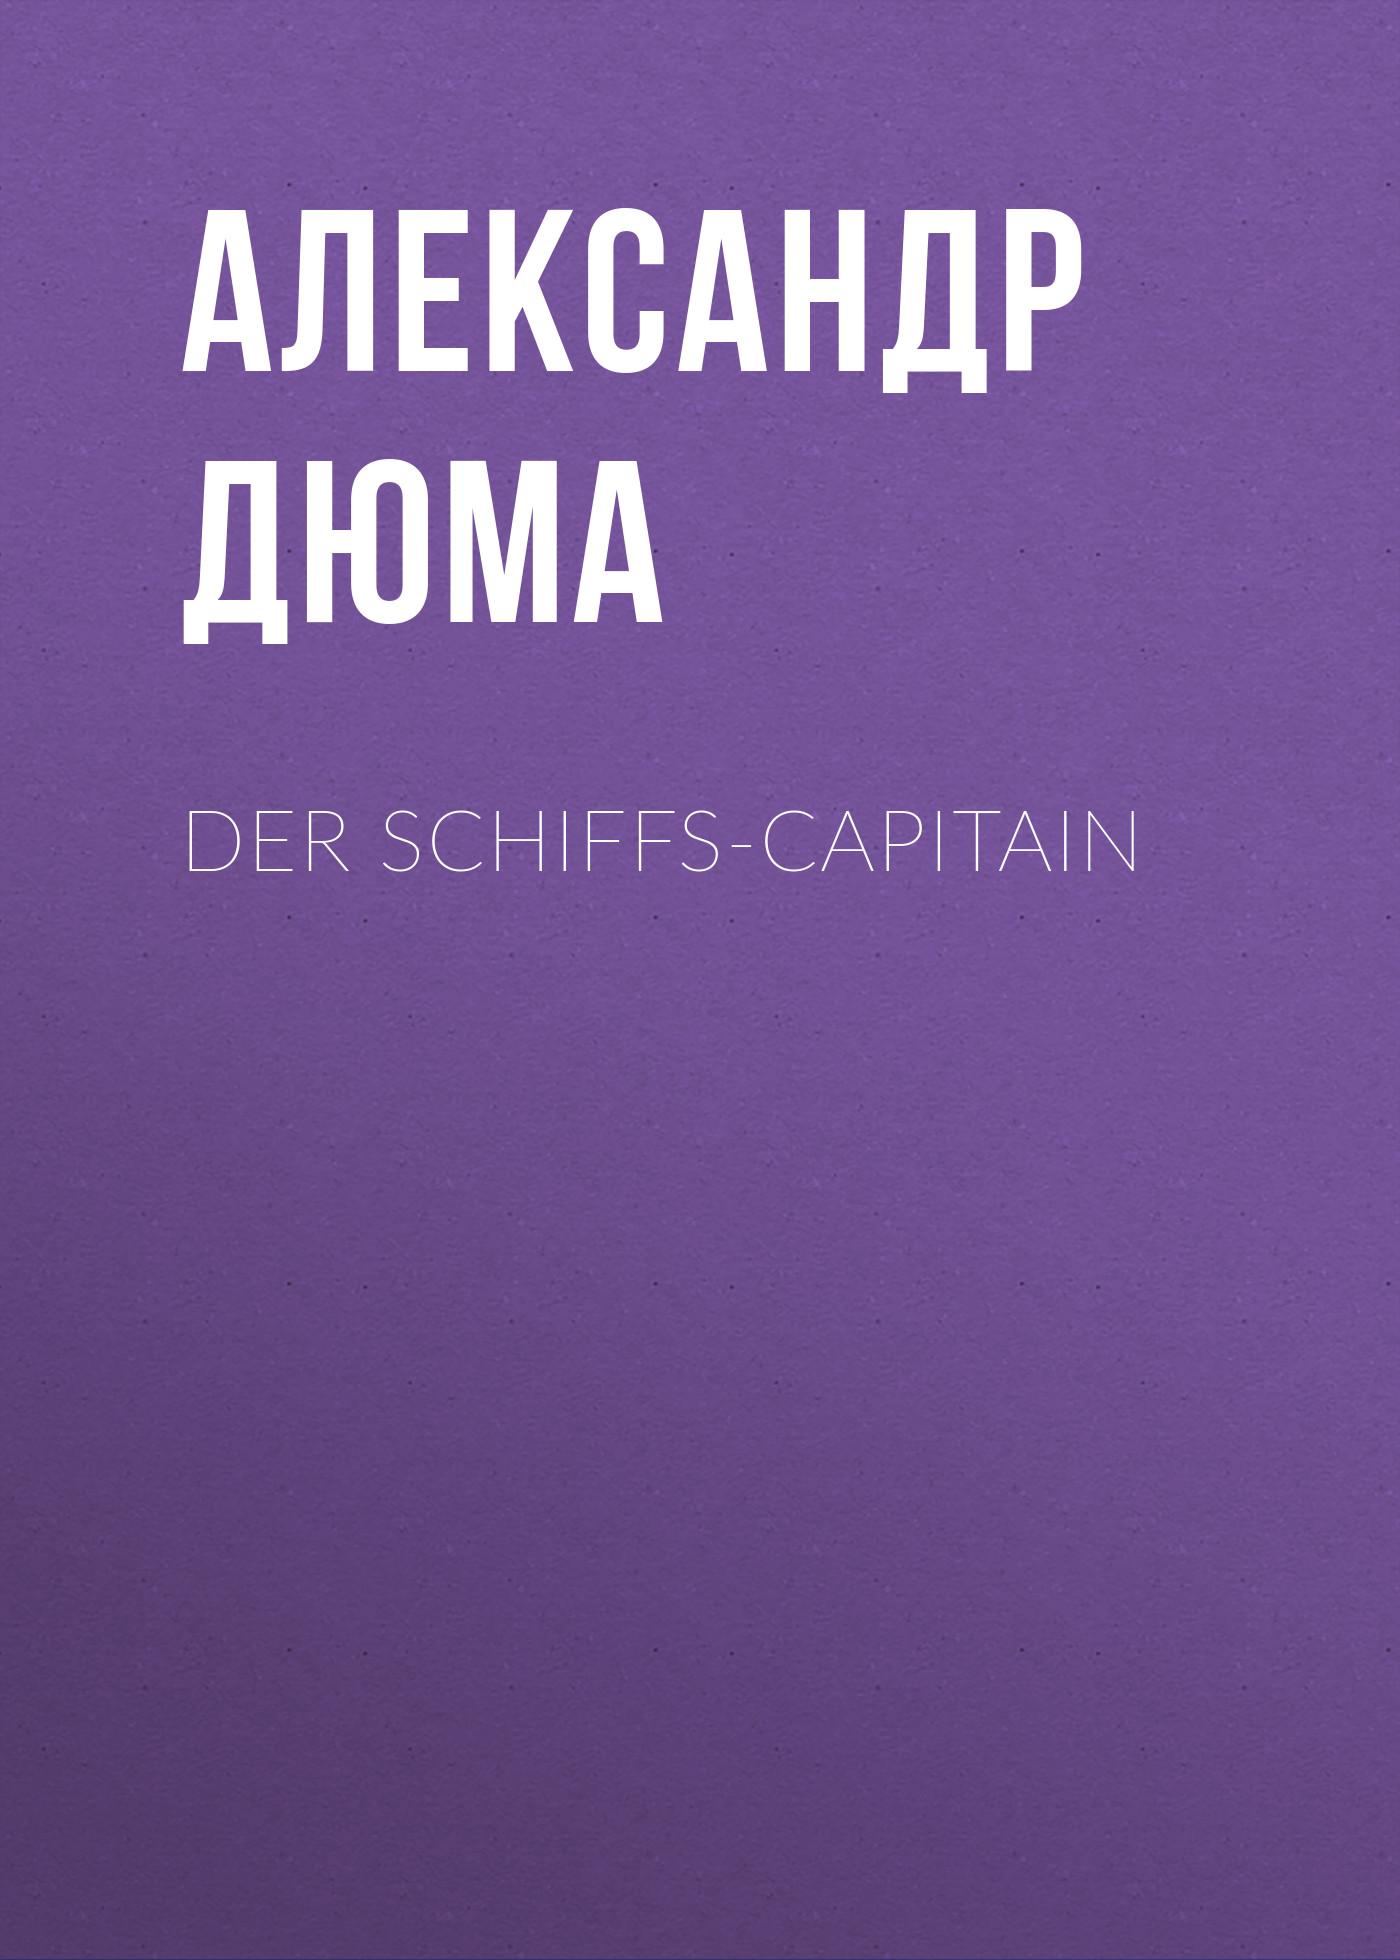 der schiffs capitain